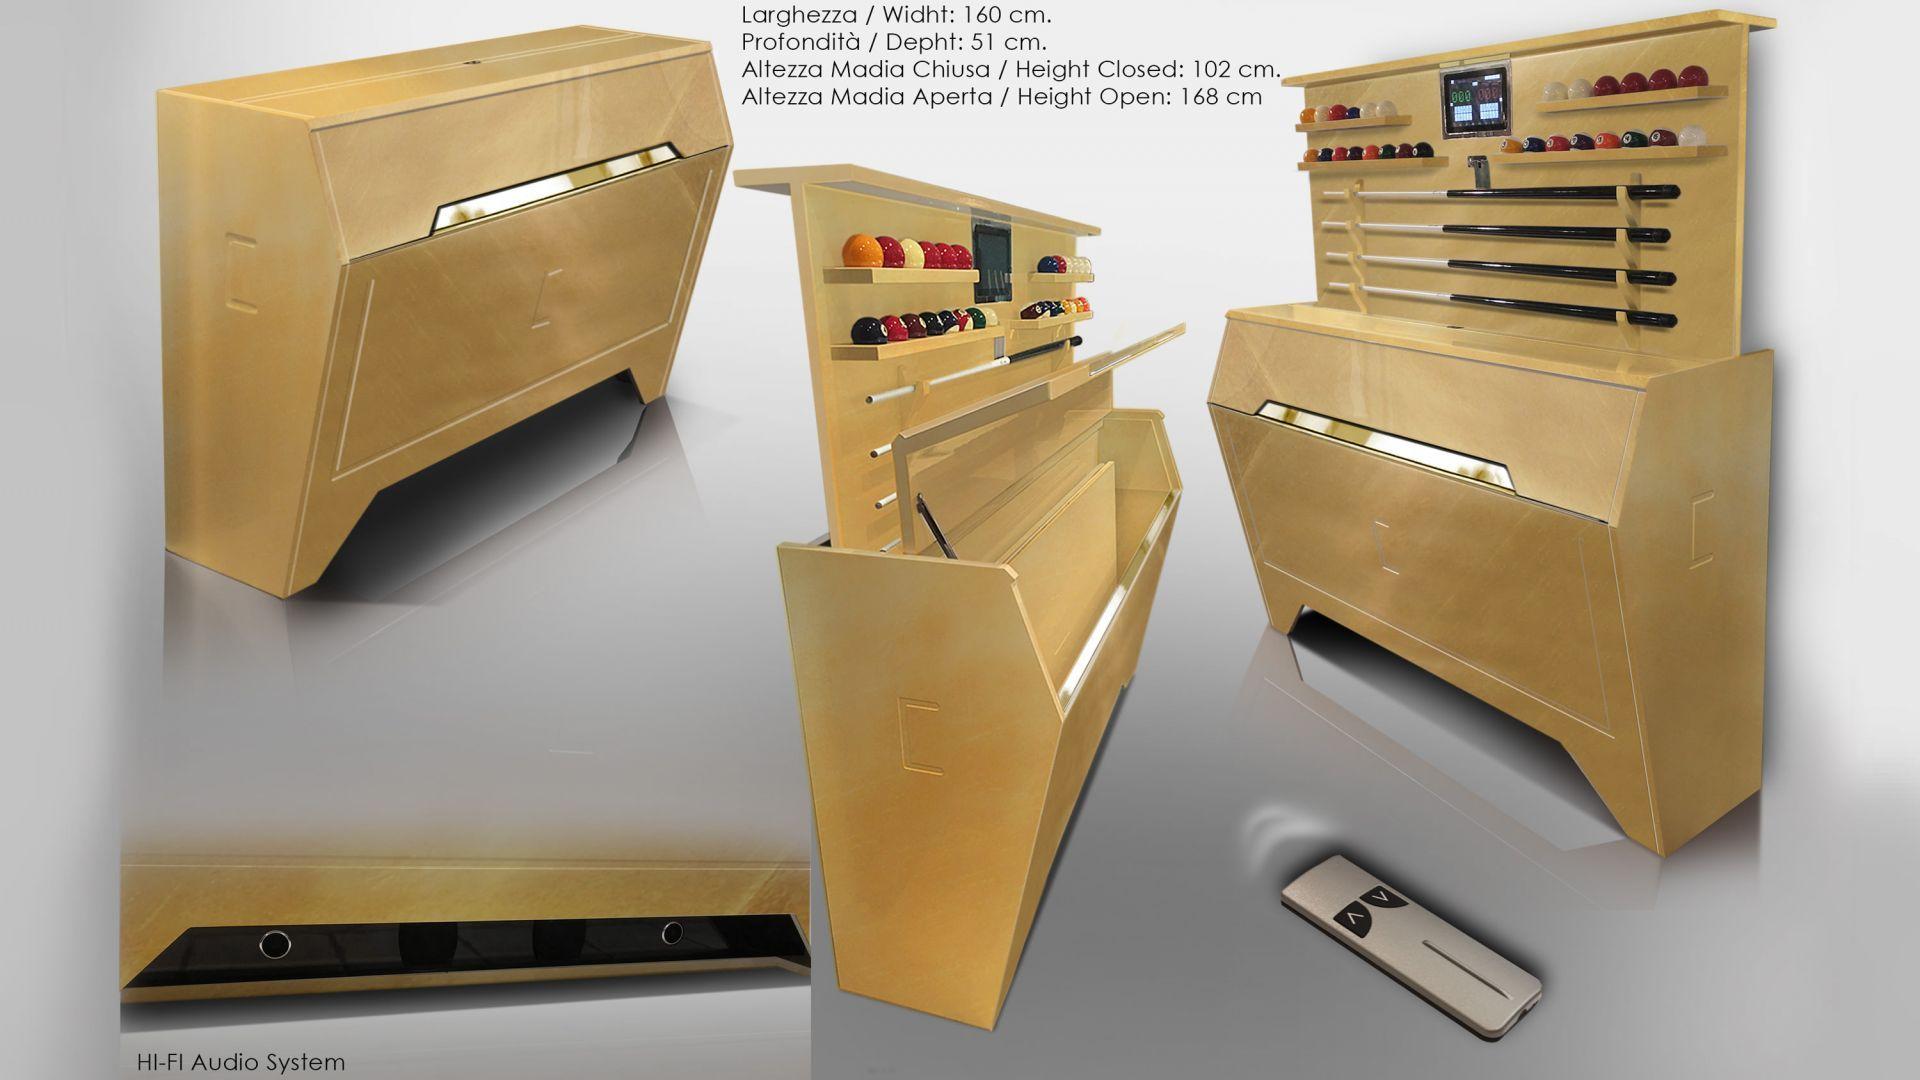 Pool Billiard Tables Opera Millionaire and Gold Leaf 12